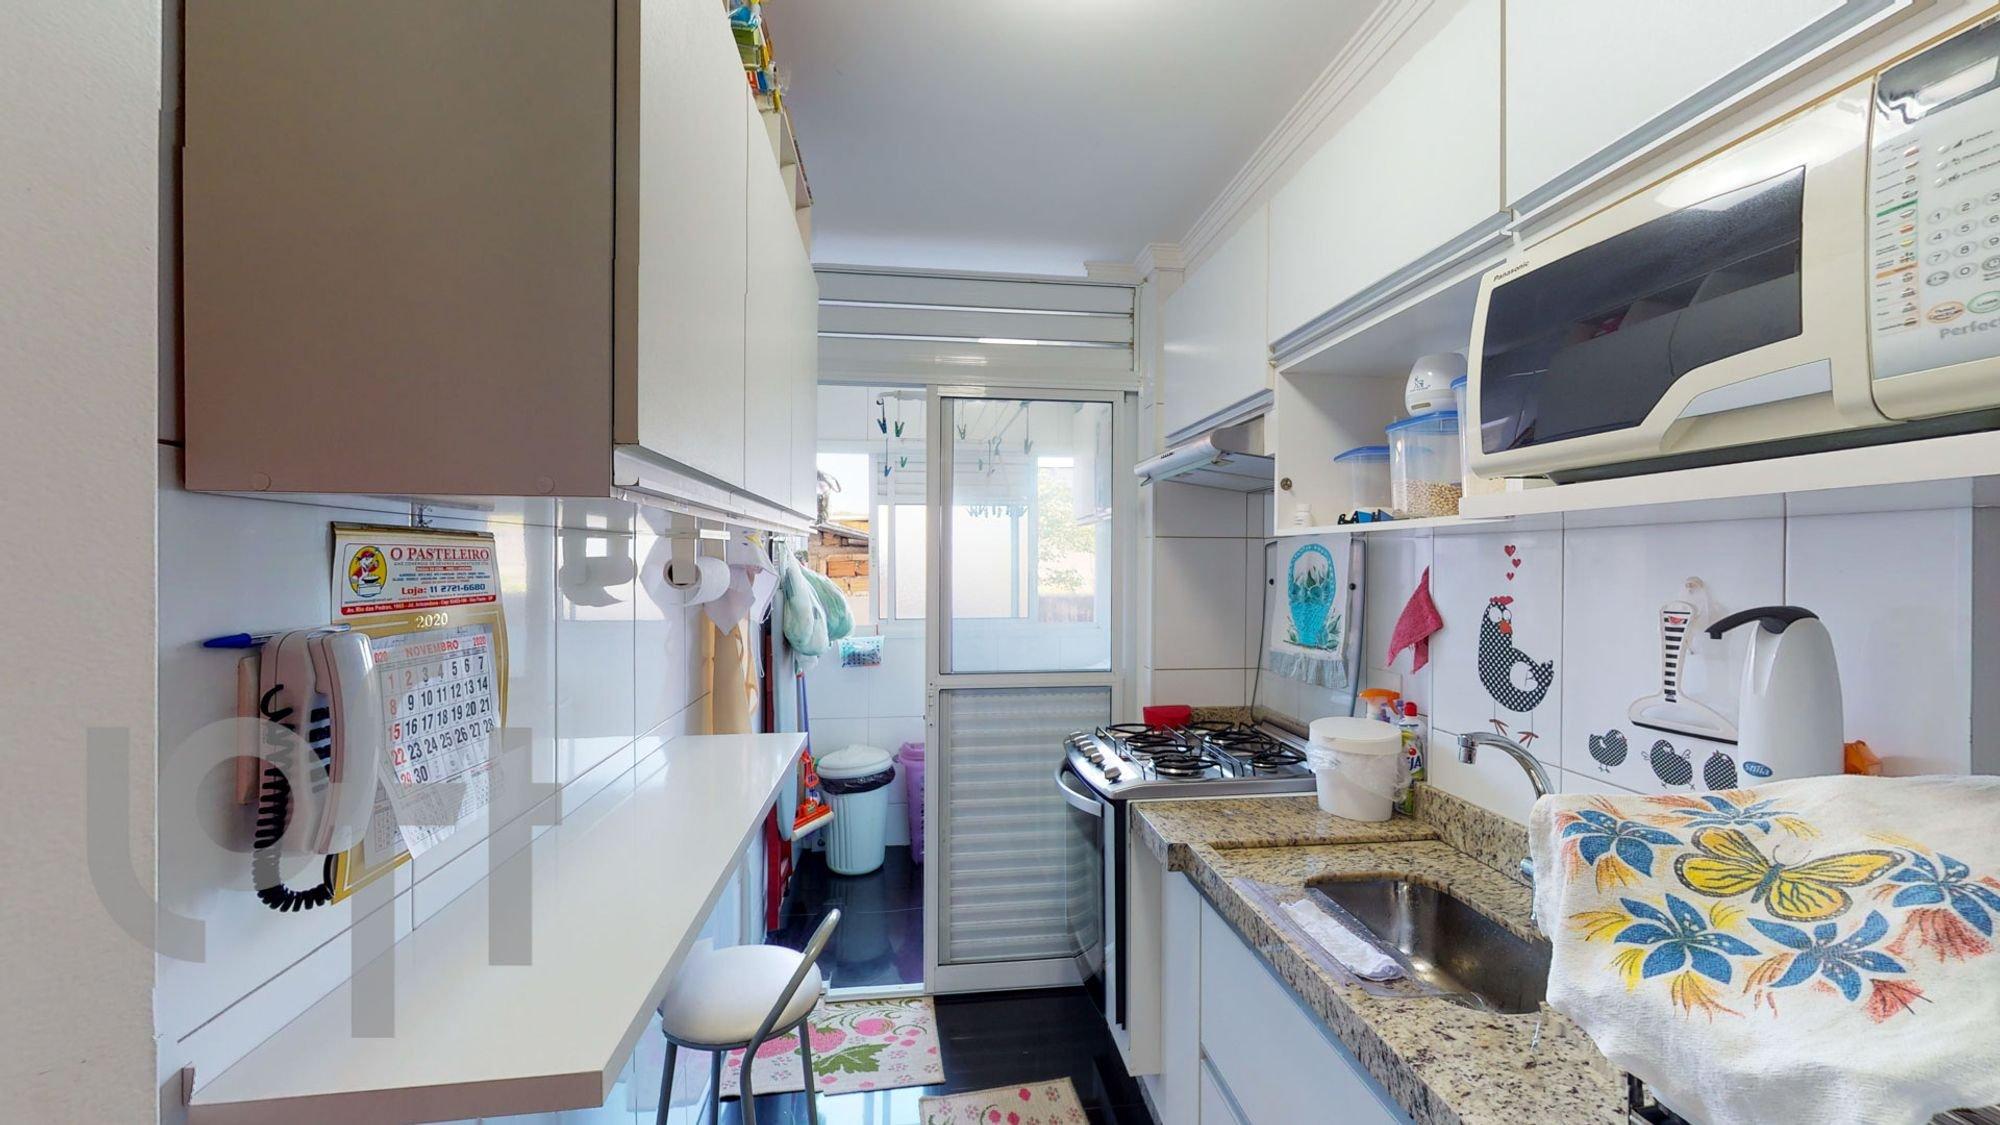 Foto de Cozinha com cadeira, pia, microondas